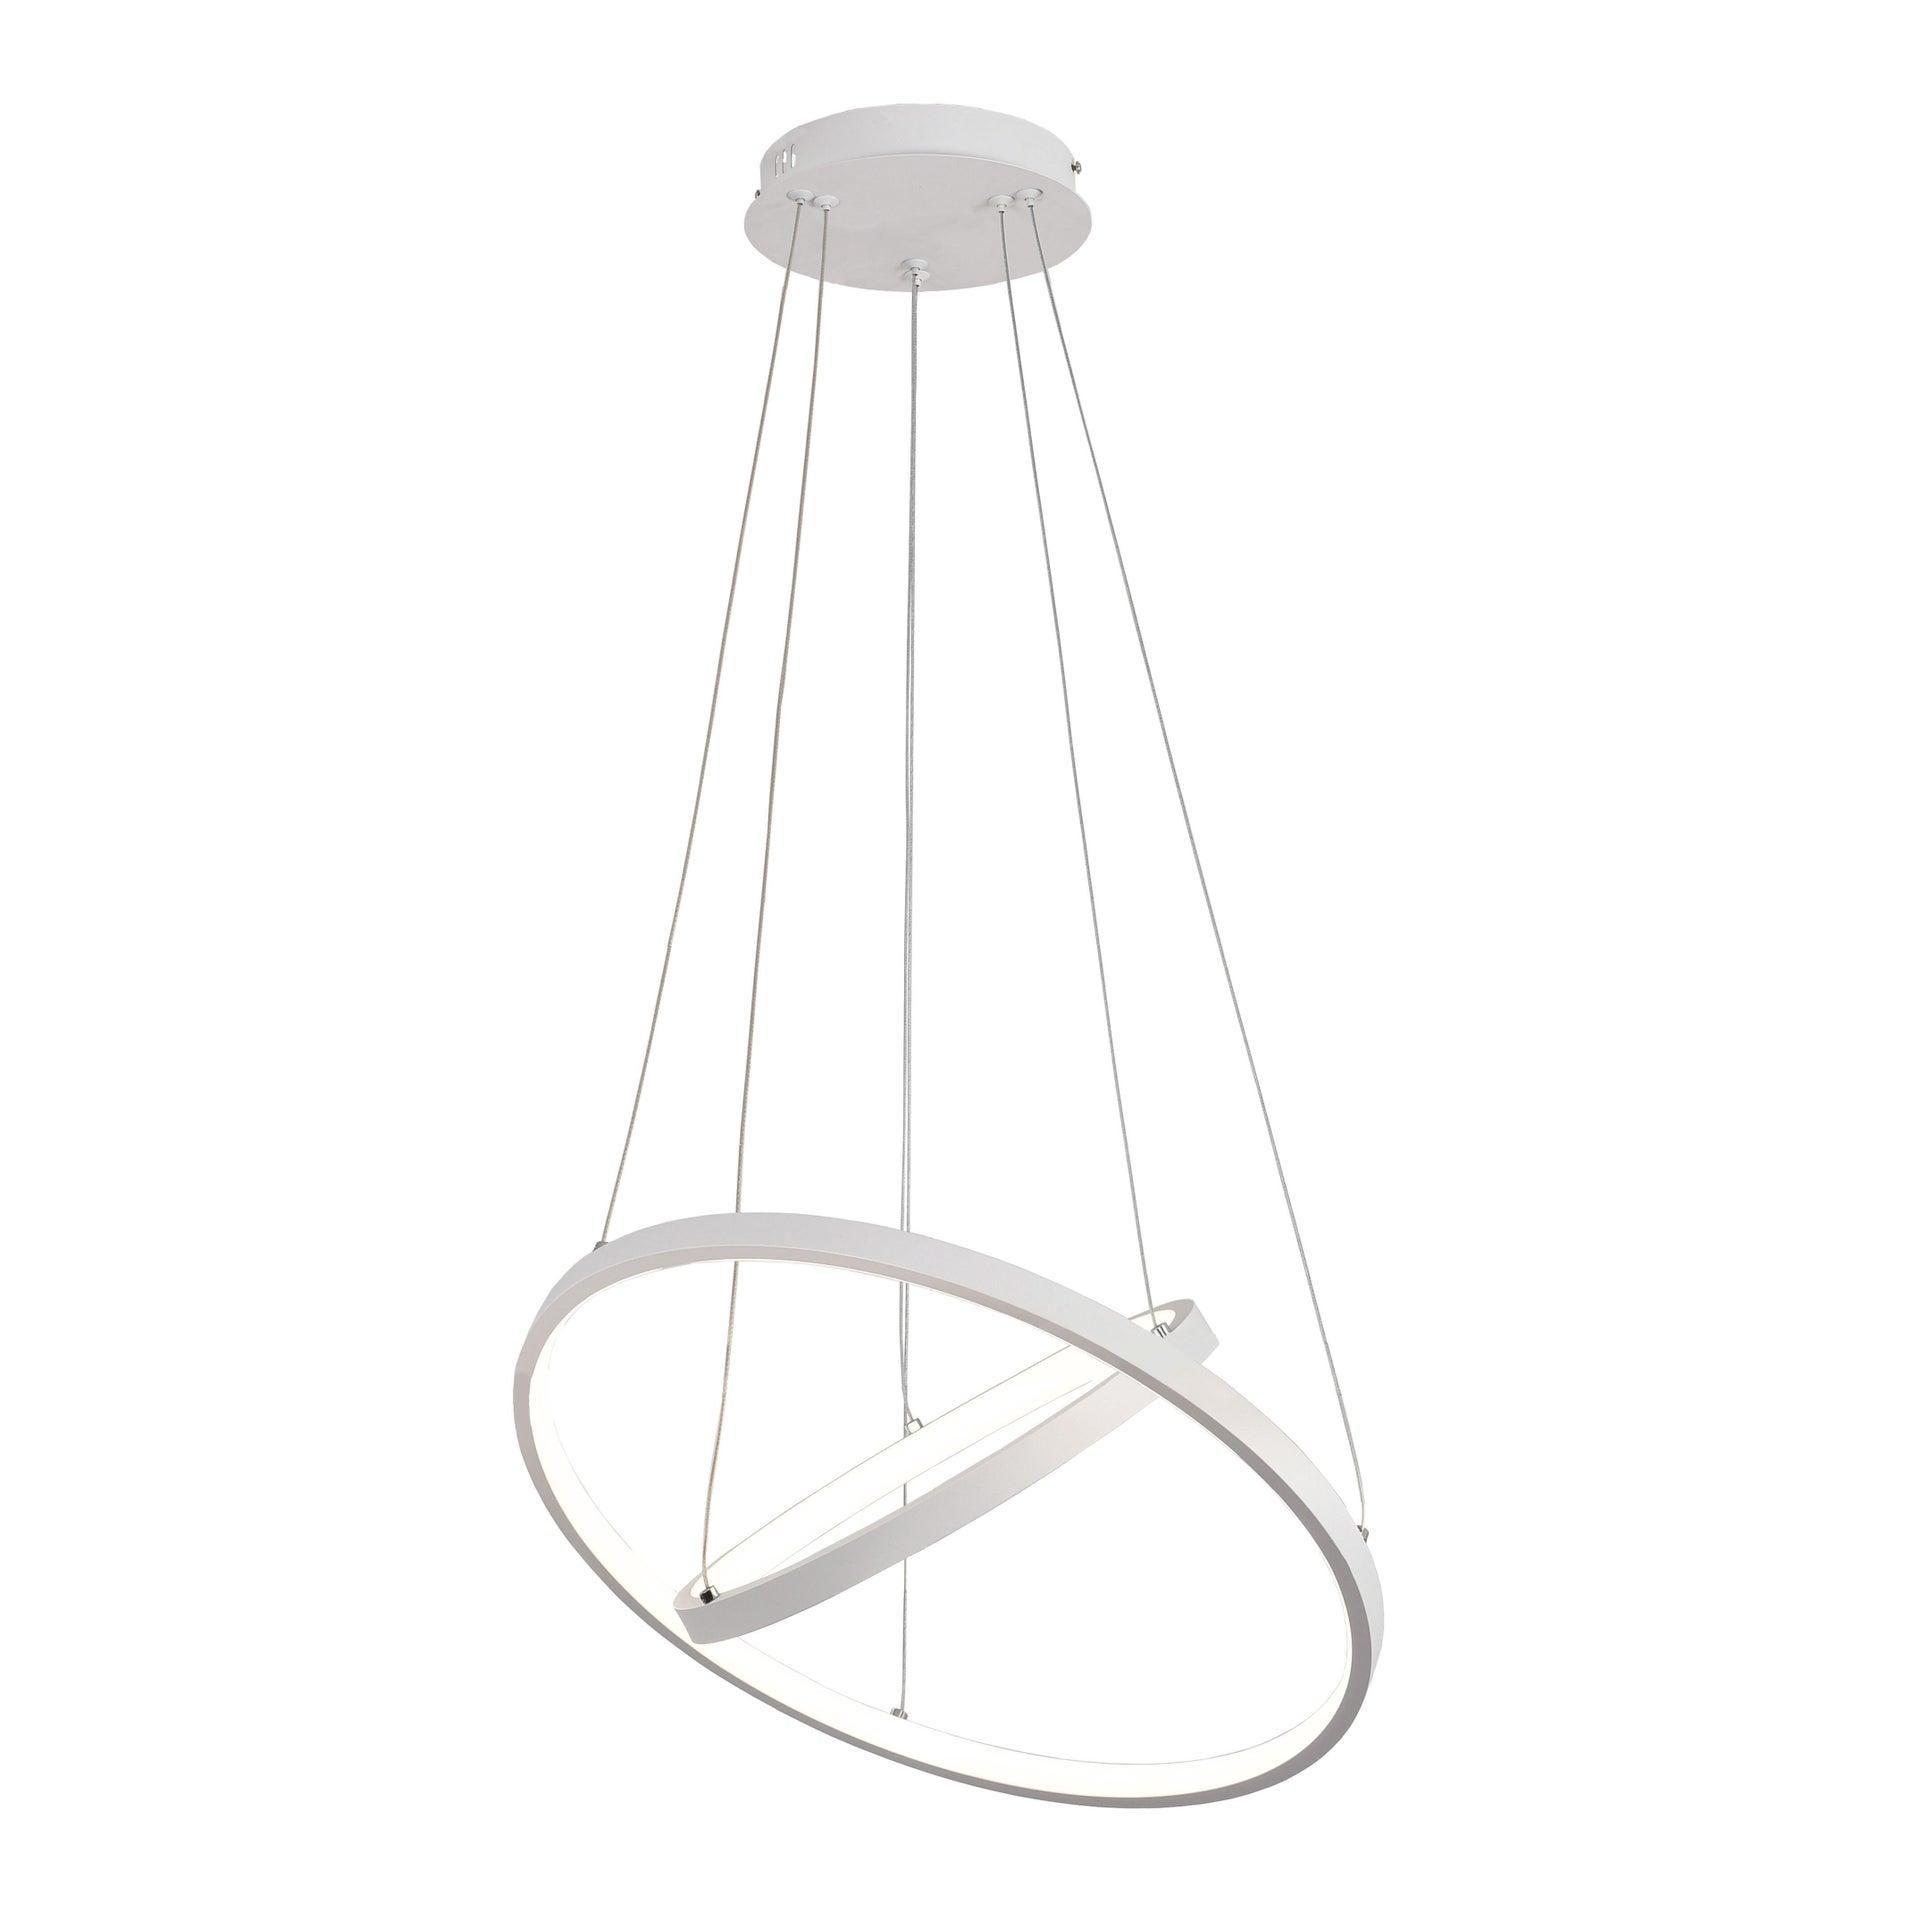 Lampadario Moderno Planetaria LED integrato bianco, in alluminio, D. 45 cm - 3